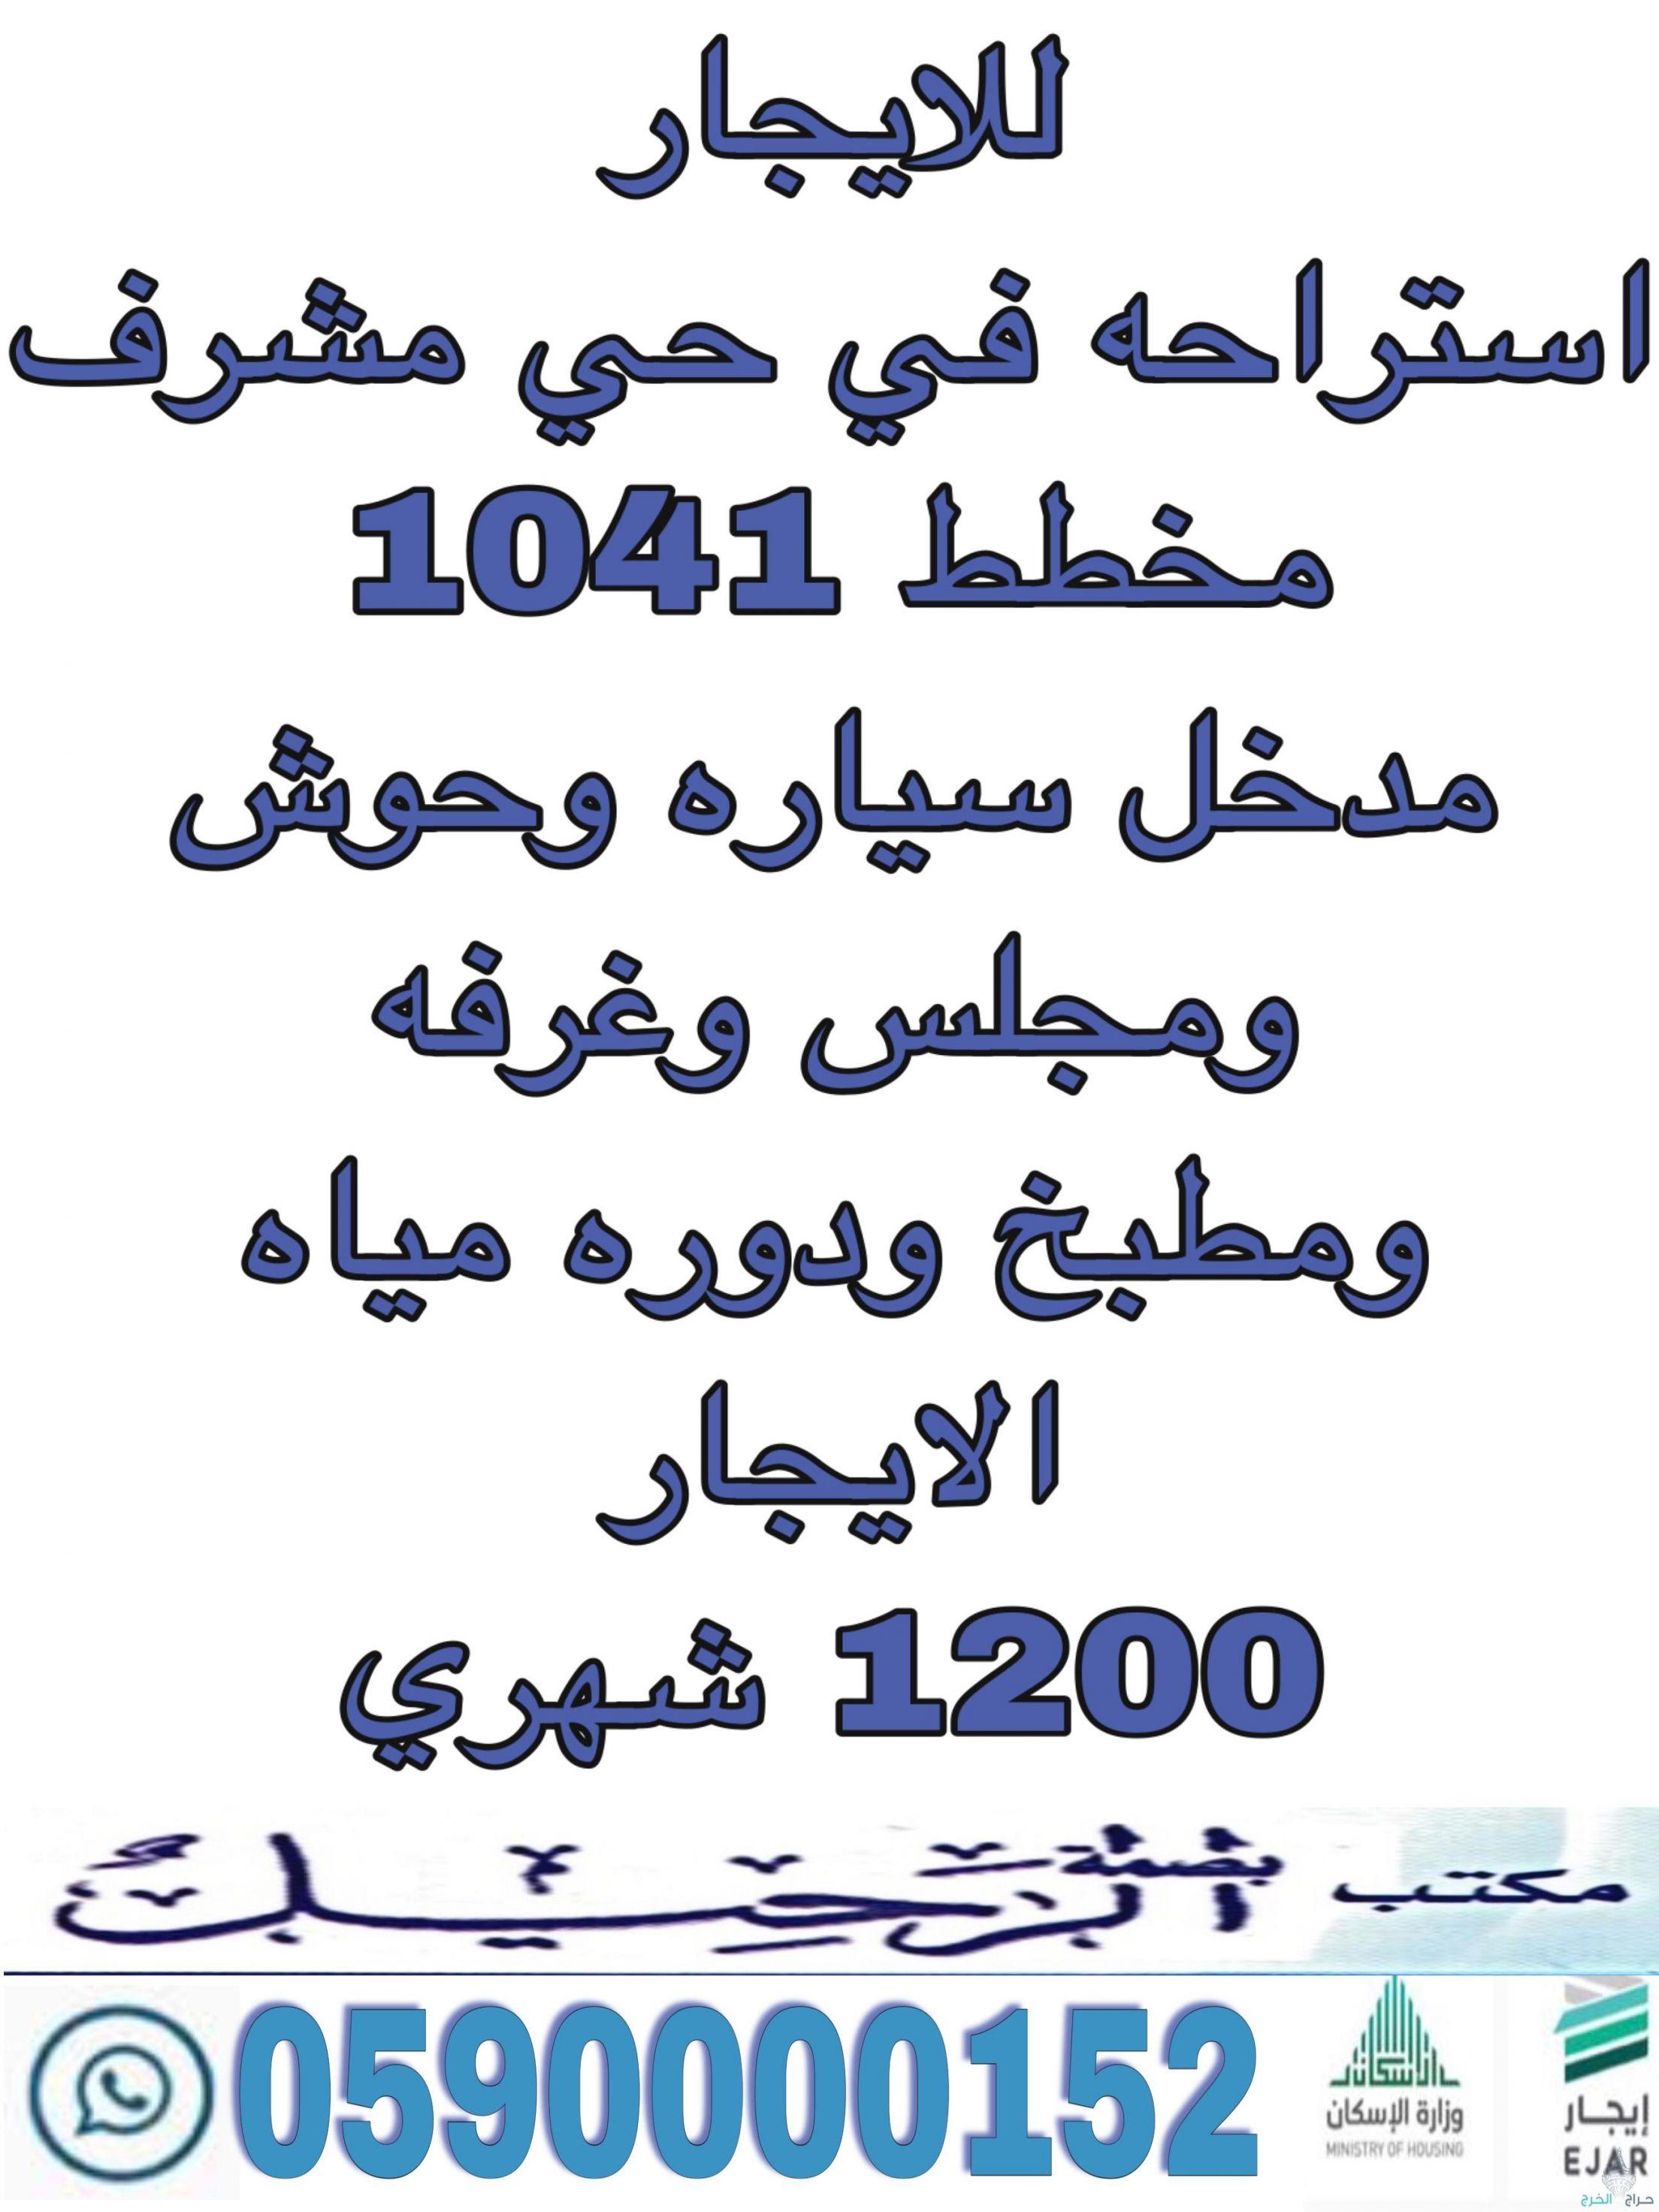 للايجار استراحه في حي مشرف مخطط ١٠٤١